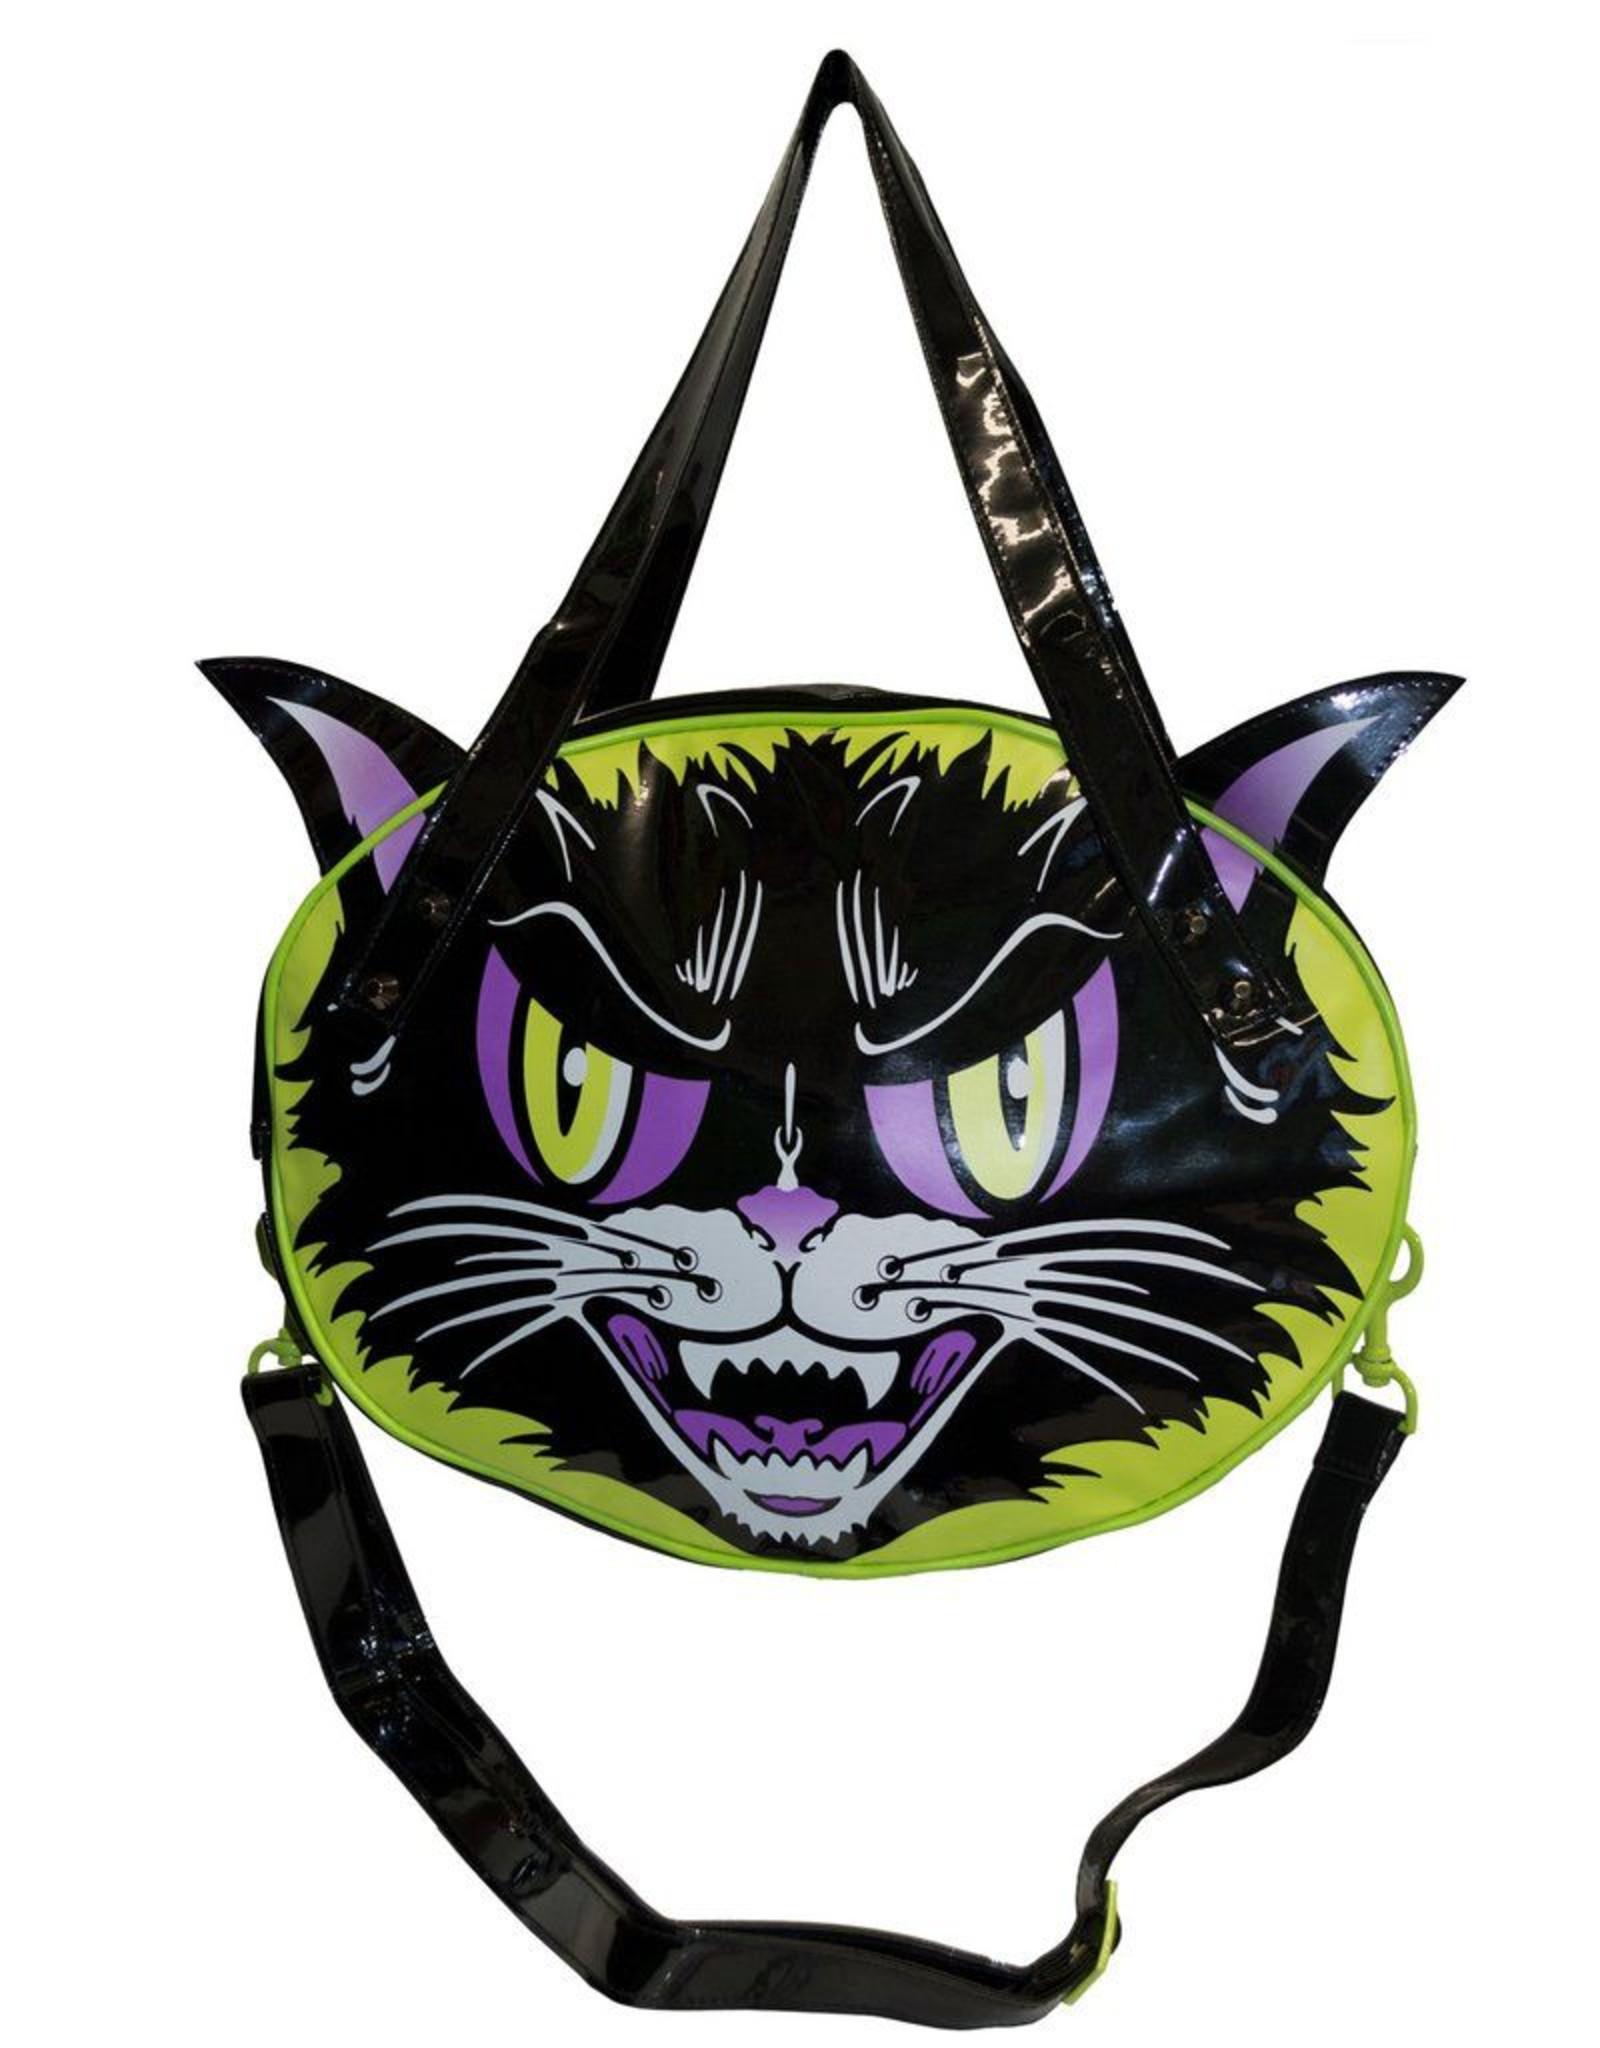 Kattitude Shoulder Bag